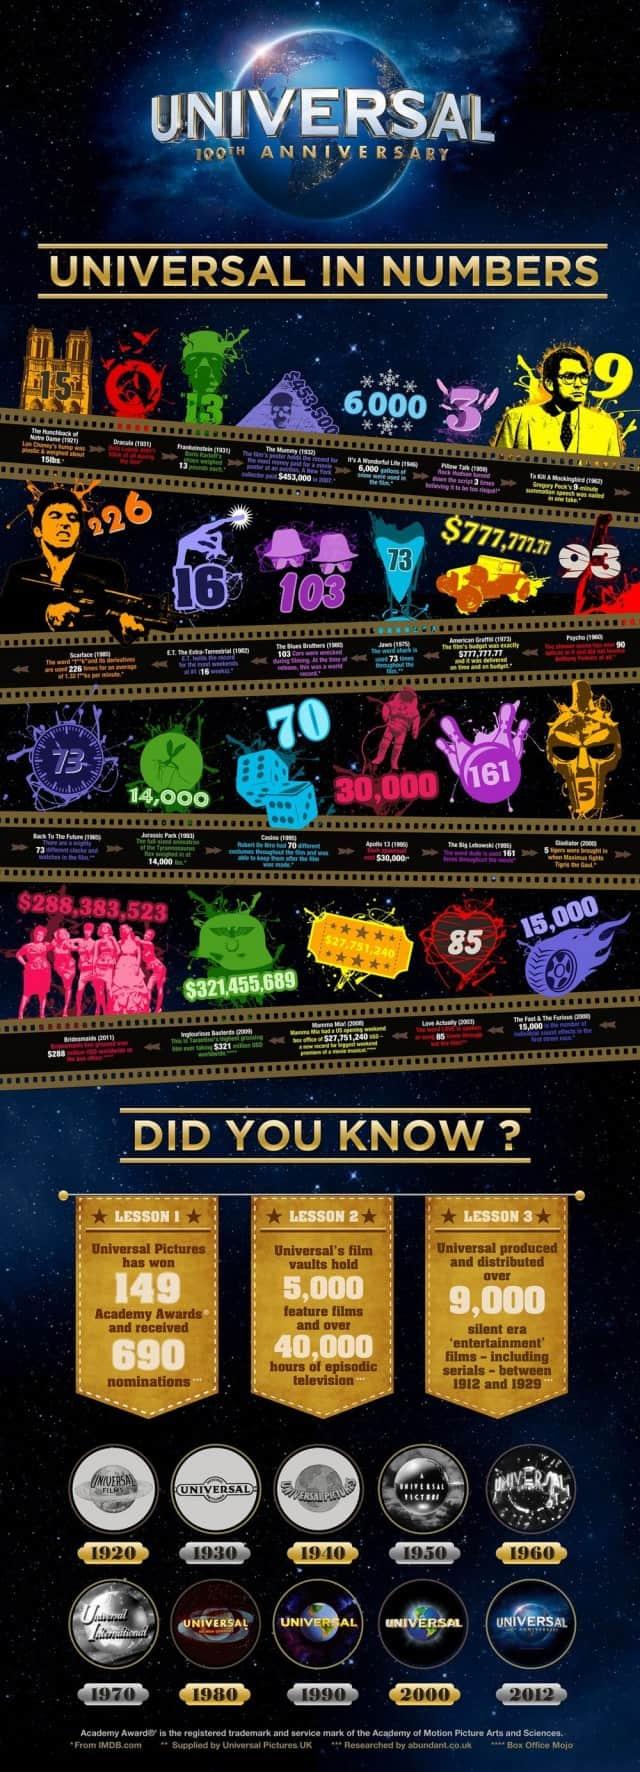 Universal-100th-Anniversary-infographic-640x1772